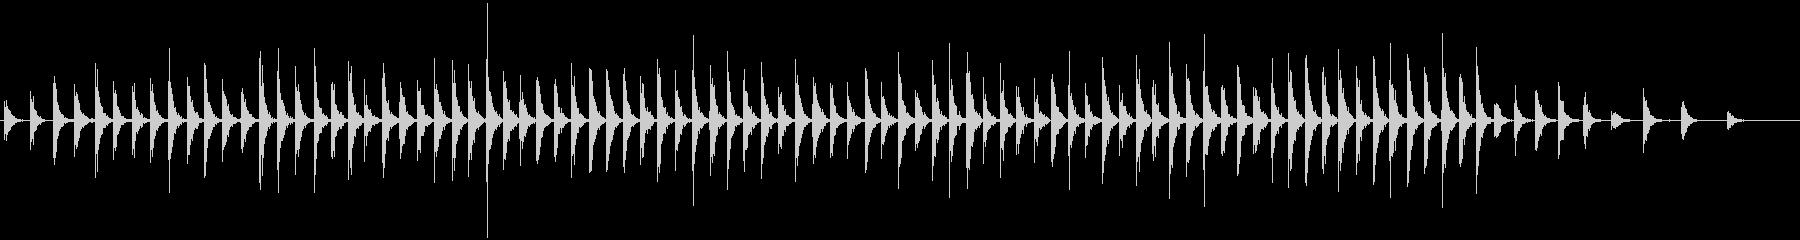 ウッドフロア:女性用ミディアムハイ...の未再生の波形